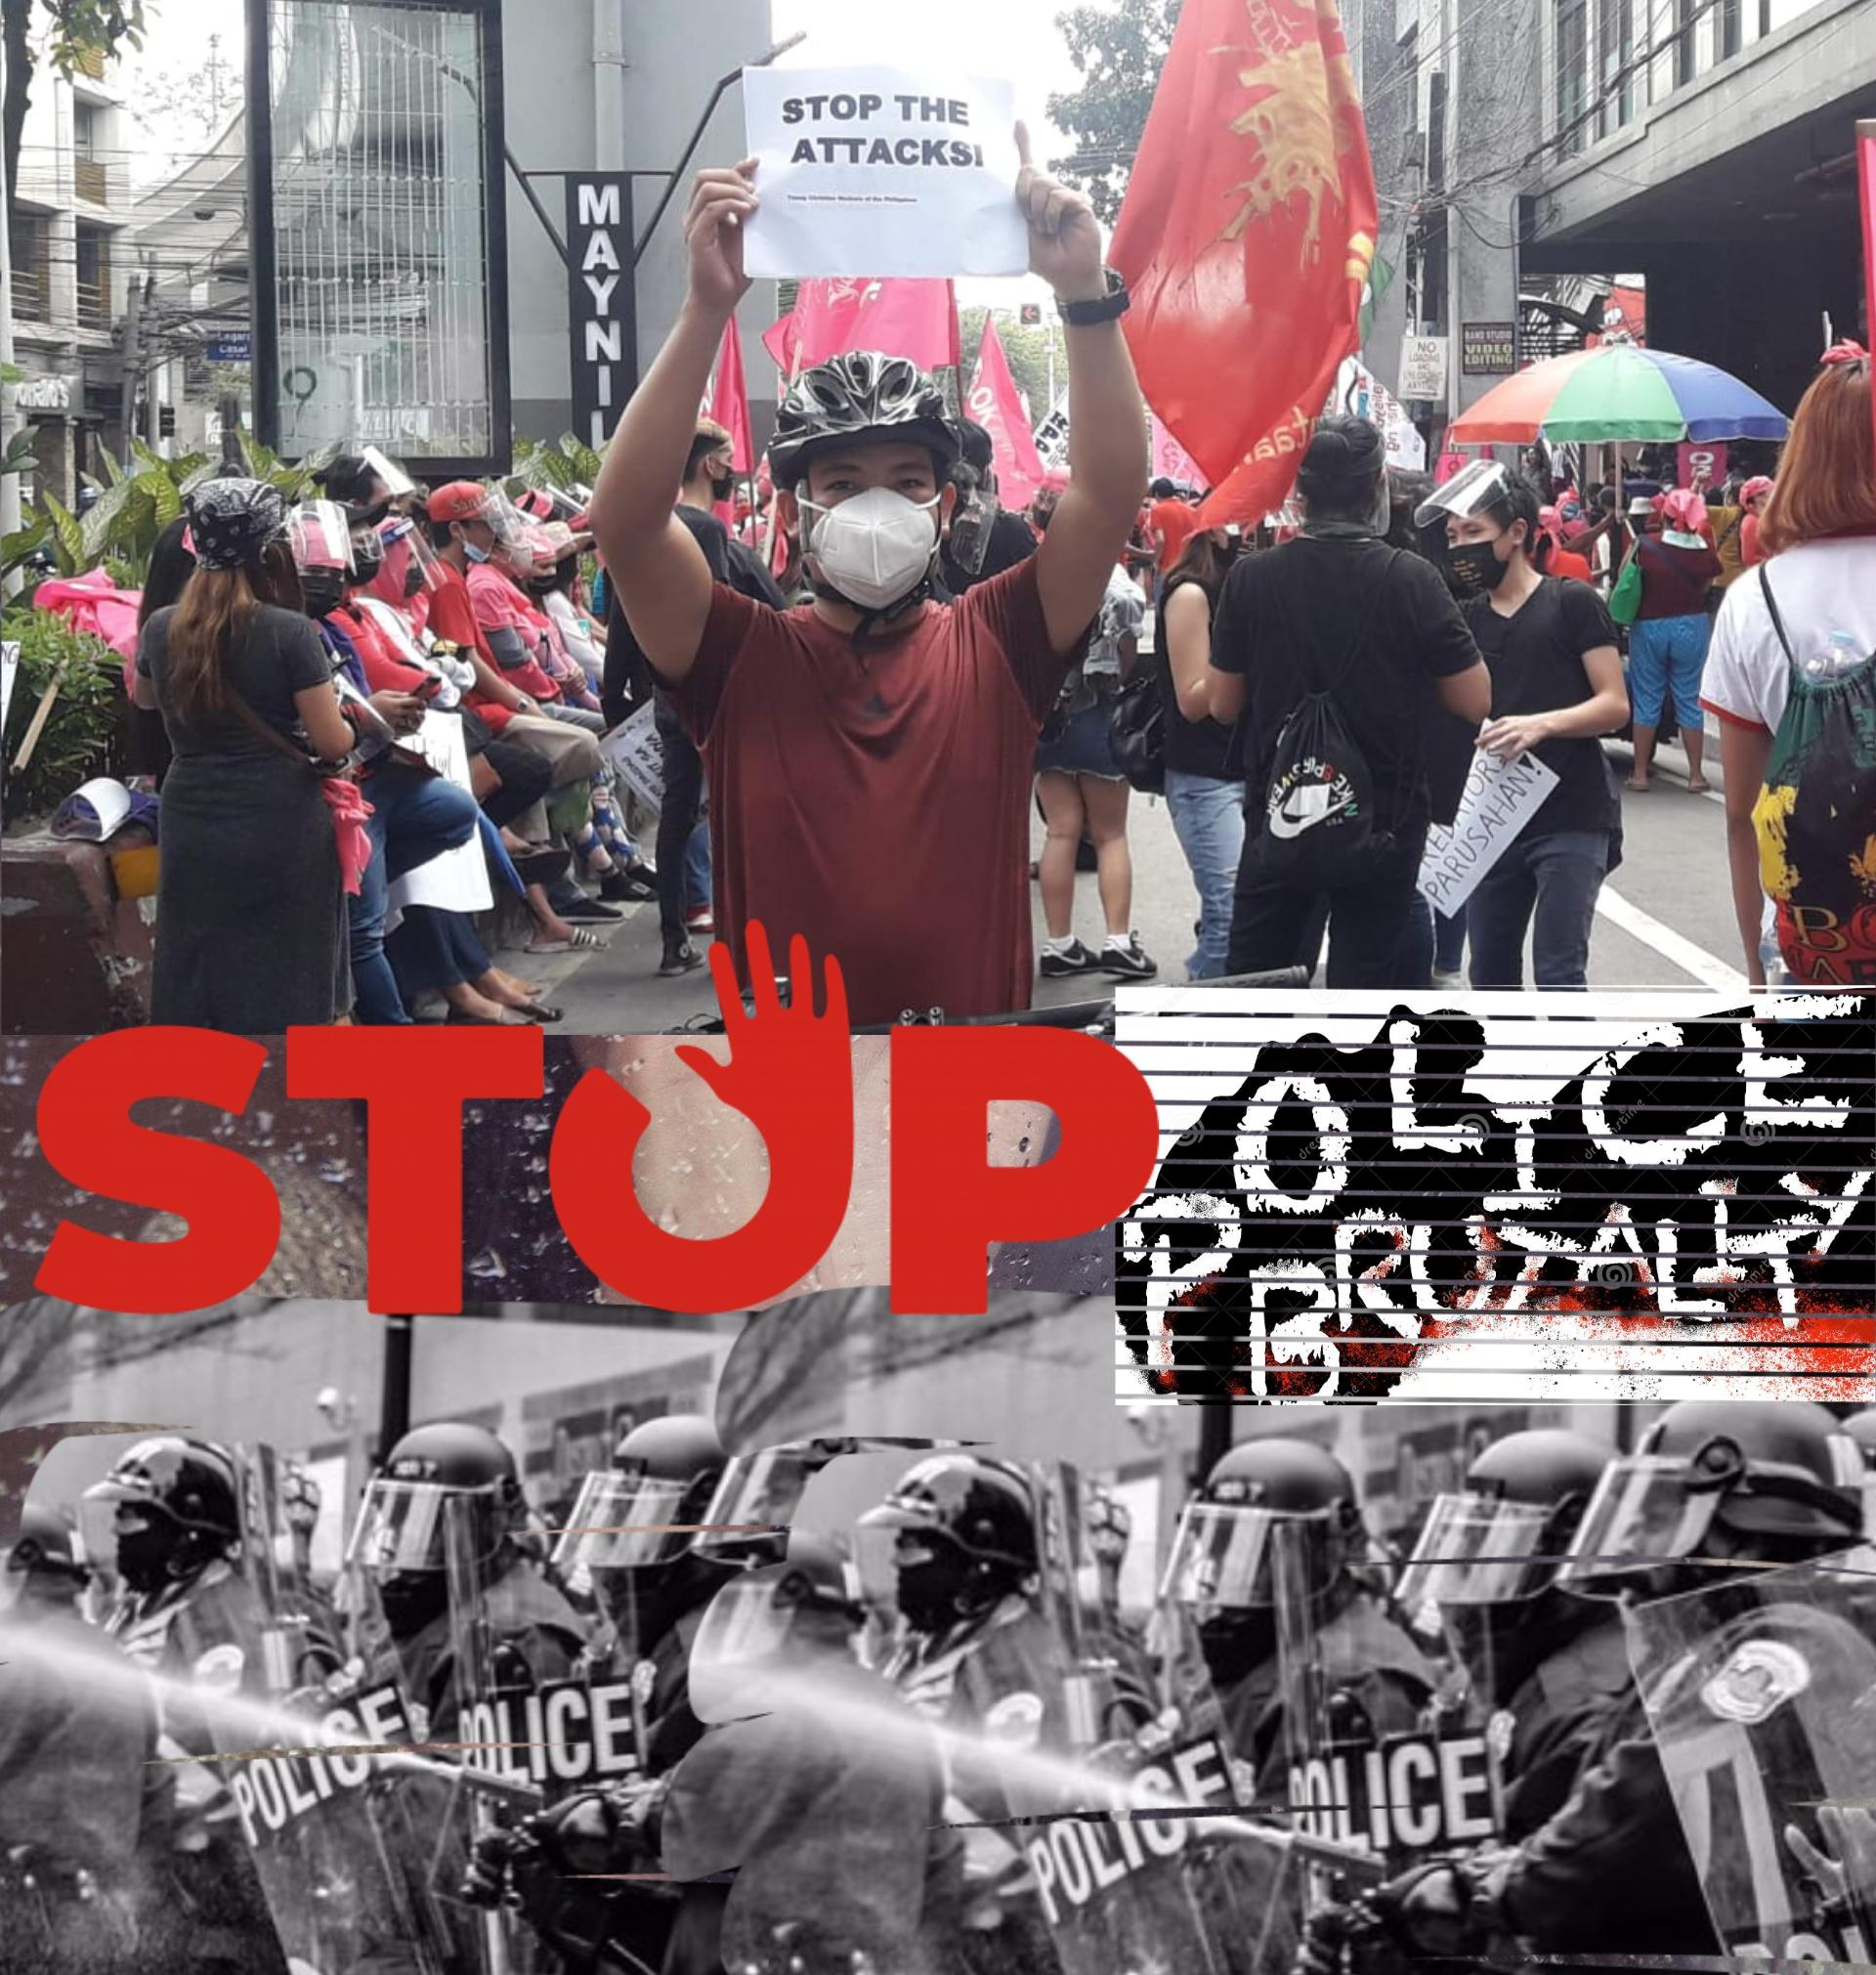 Police repression photo